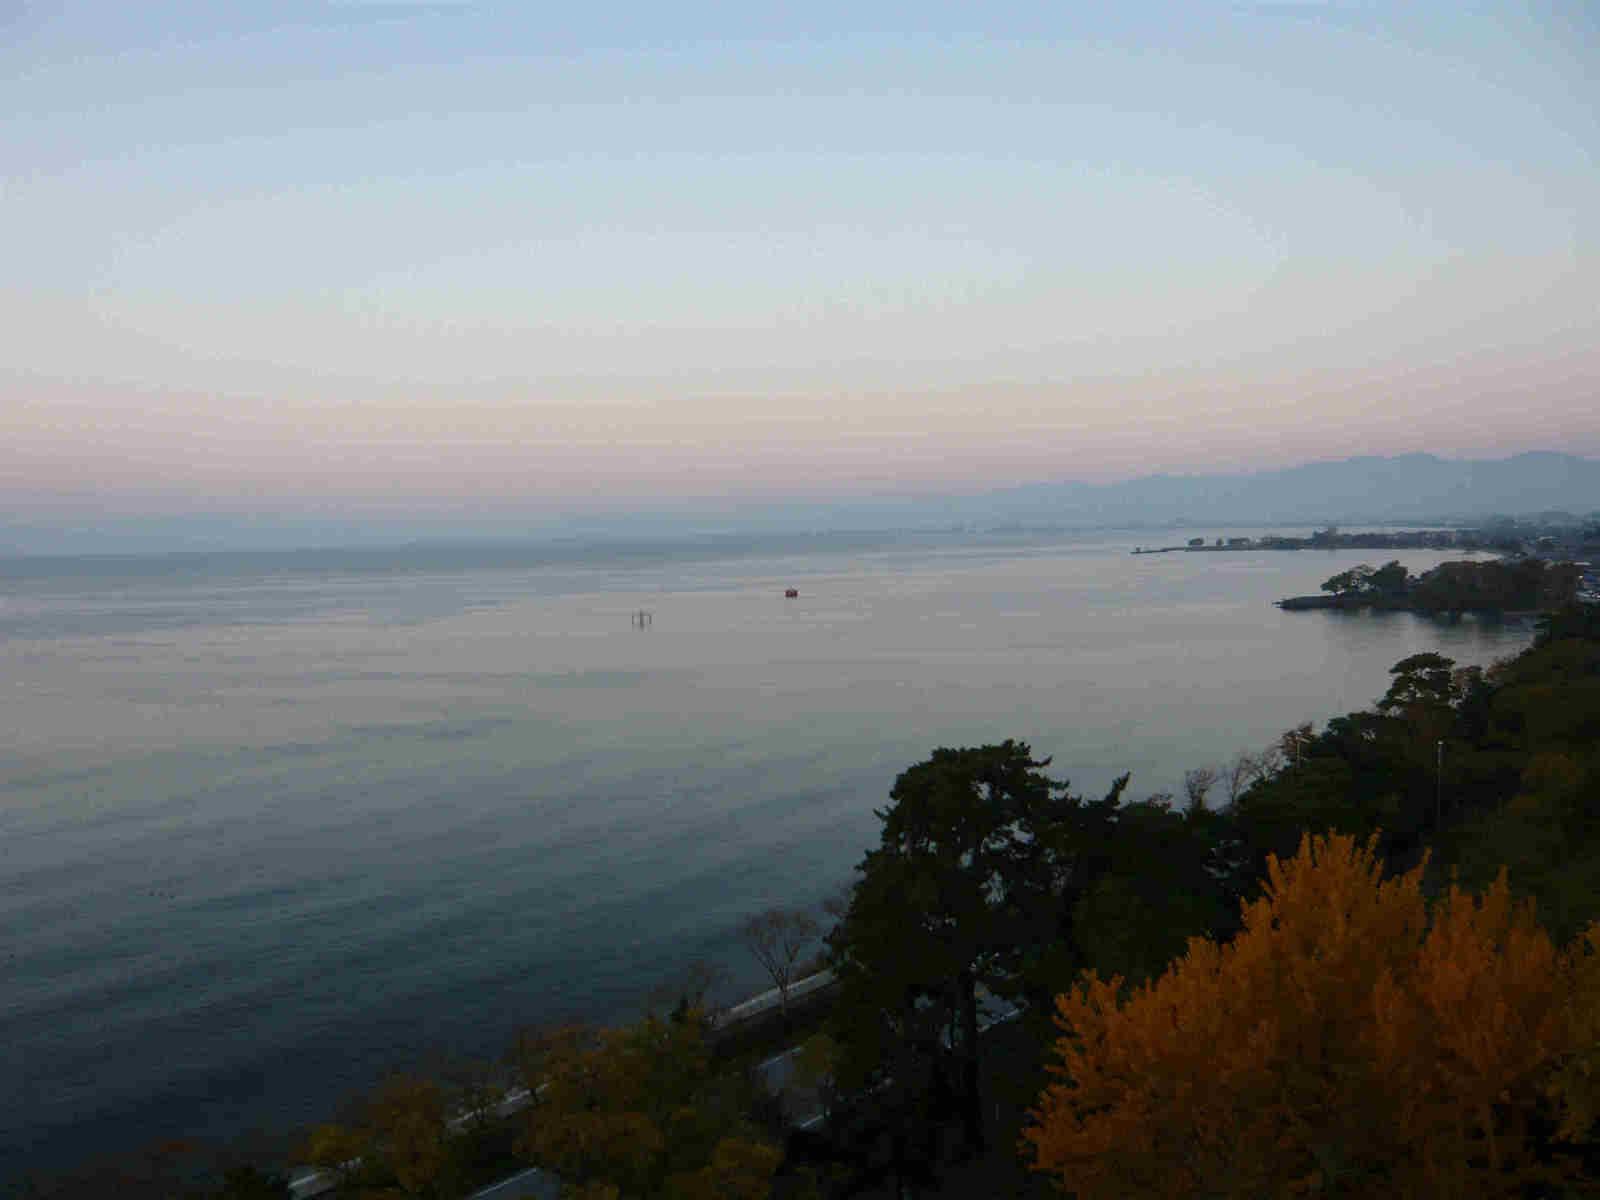 Lake_view_3